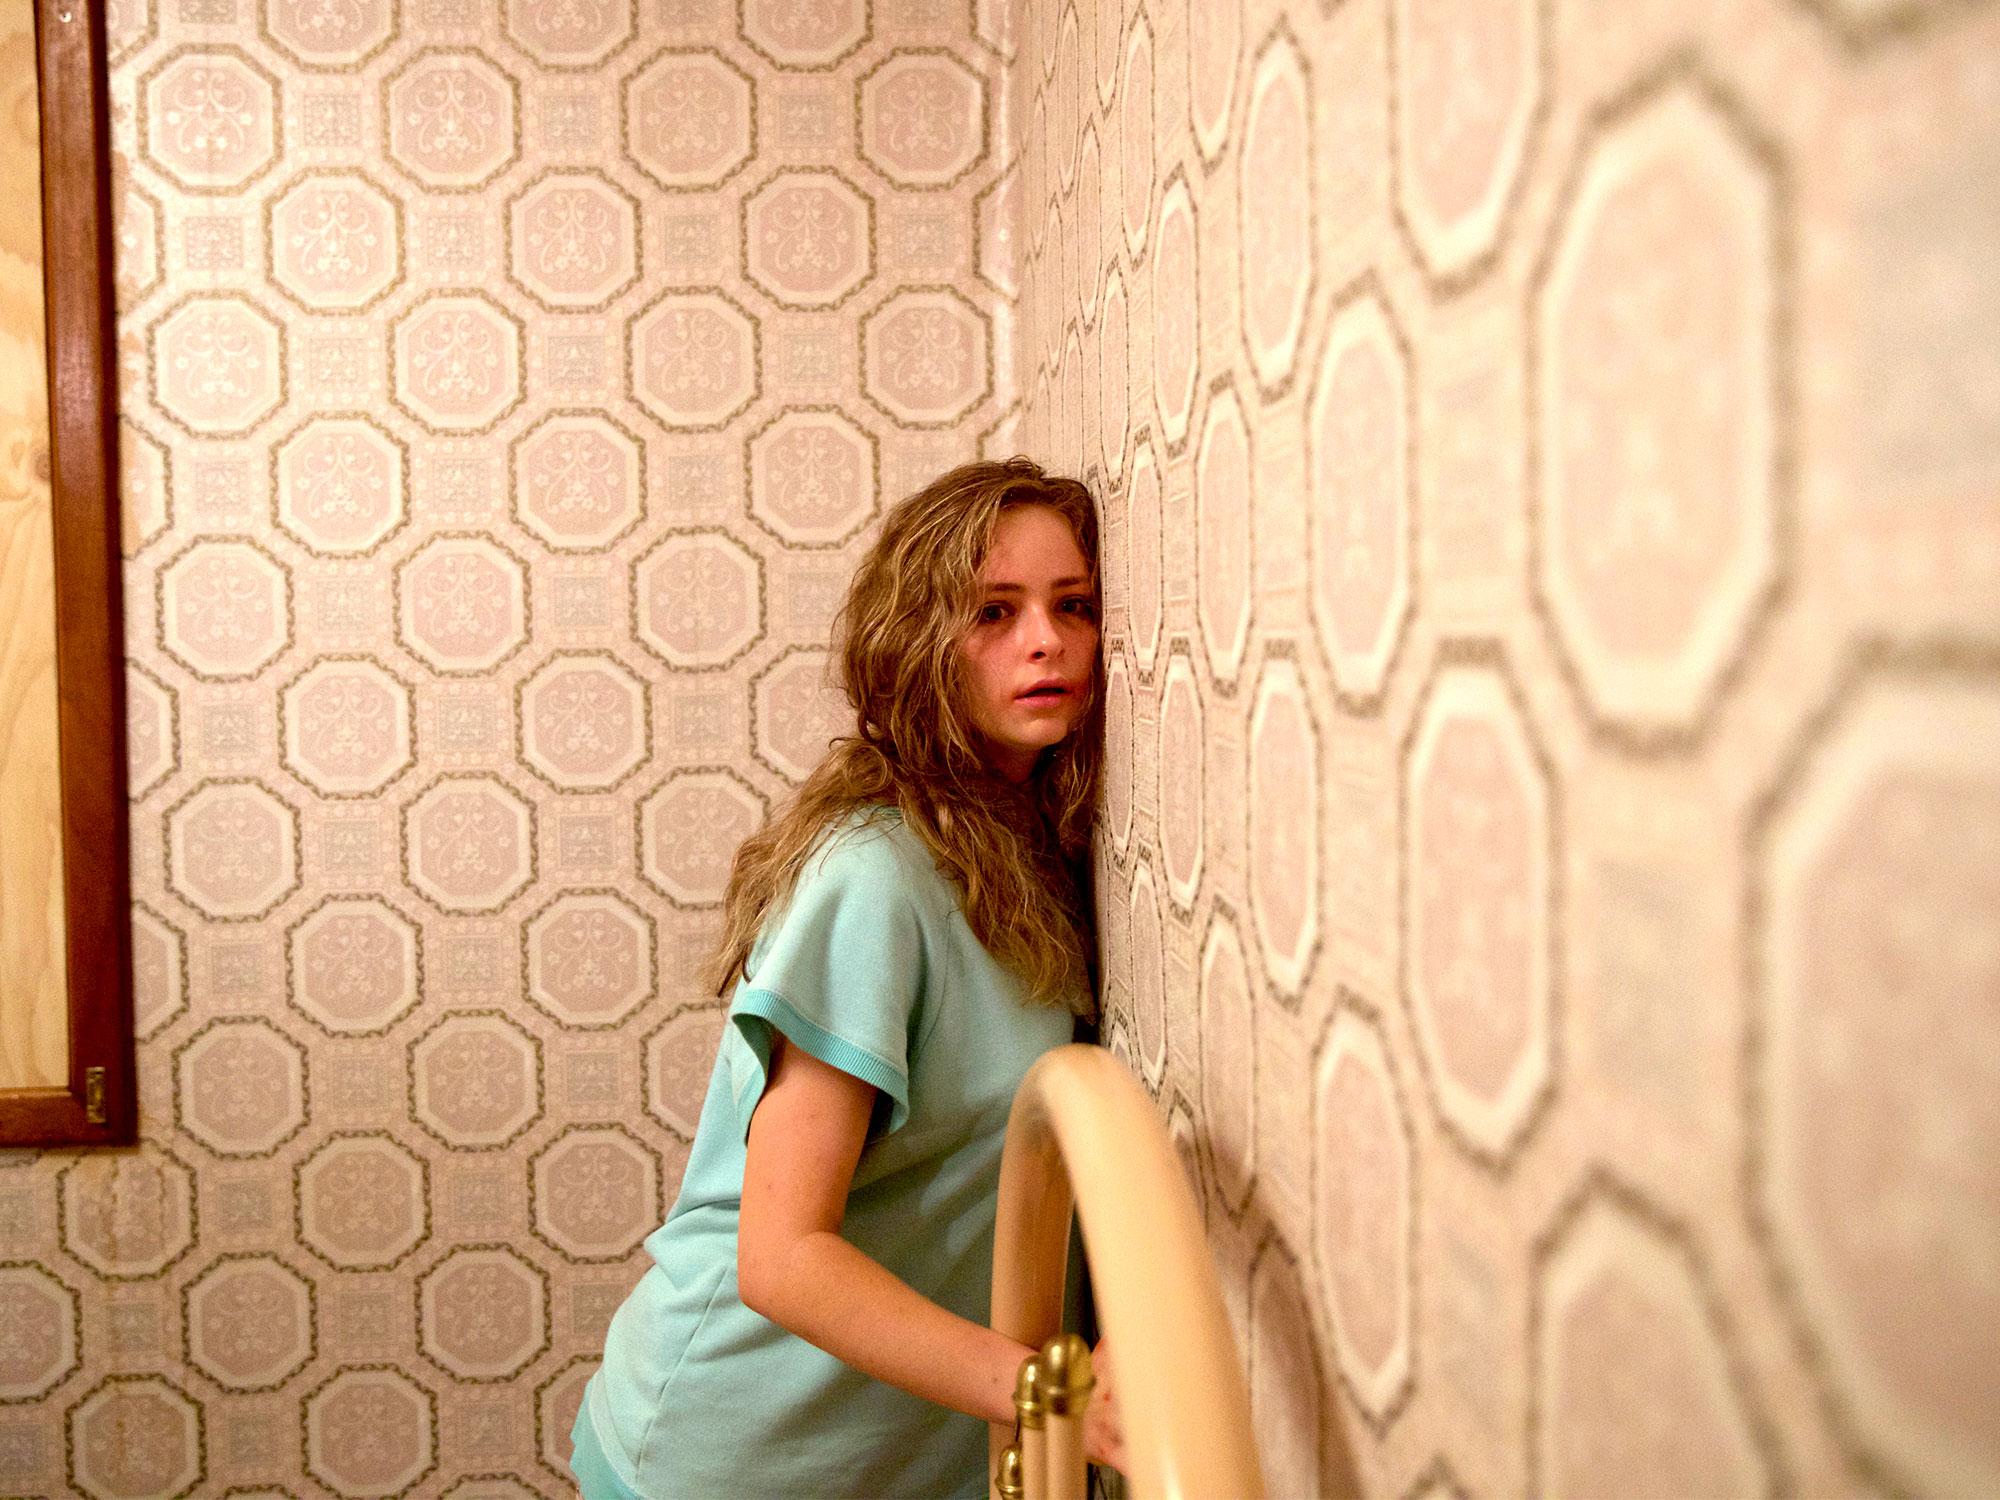 Imagem do filme australiano Hounds of Love, ou Predadores do Amor. A imagem mostra uma jovem, ferida e acorrentada em uma cama, com o rosto encostado em uma parede.